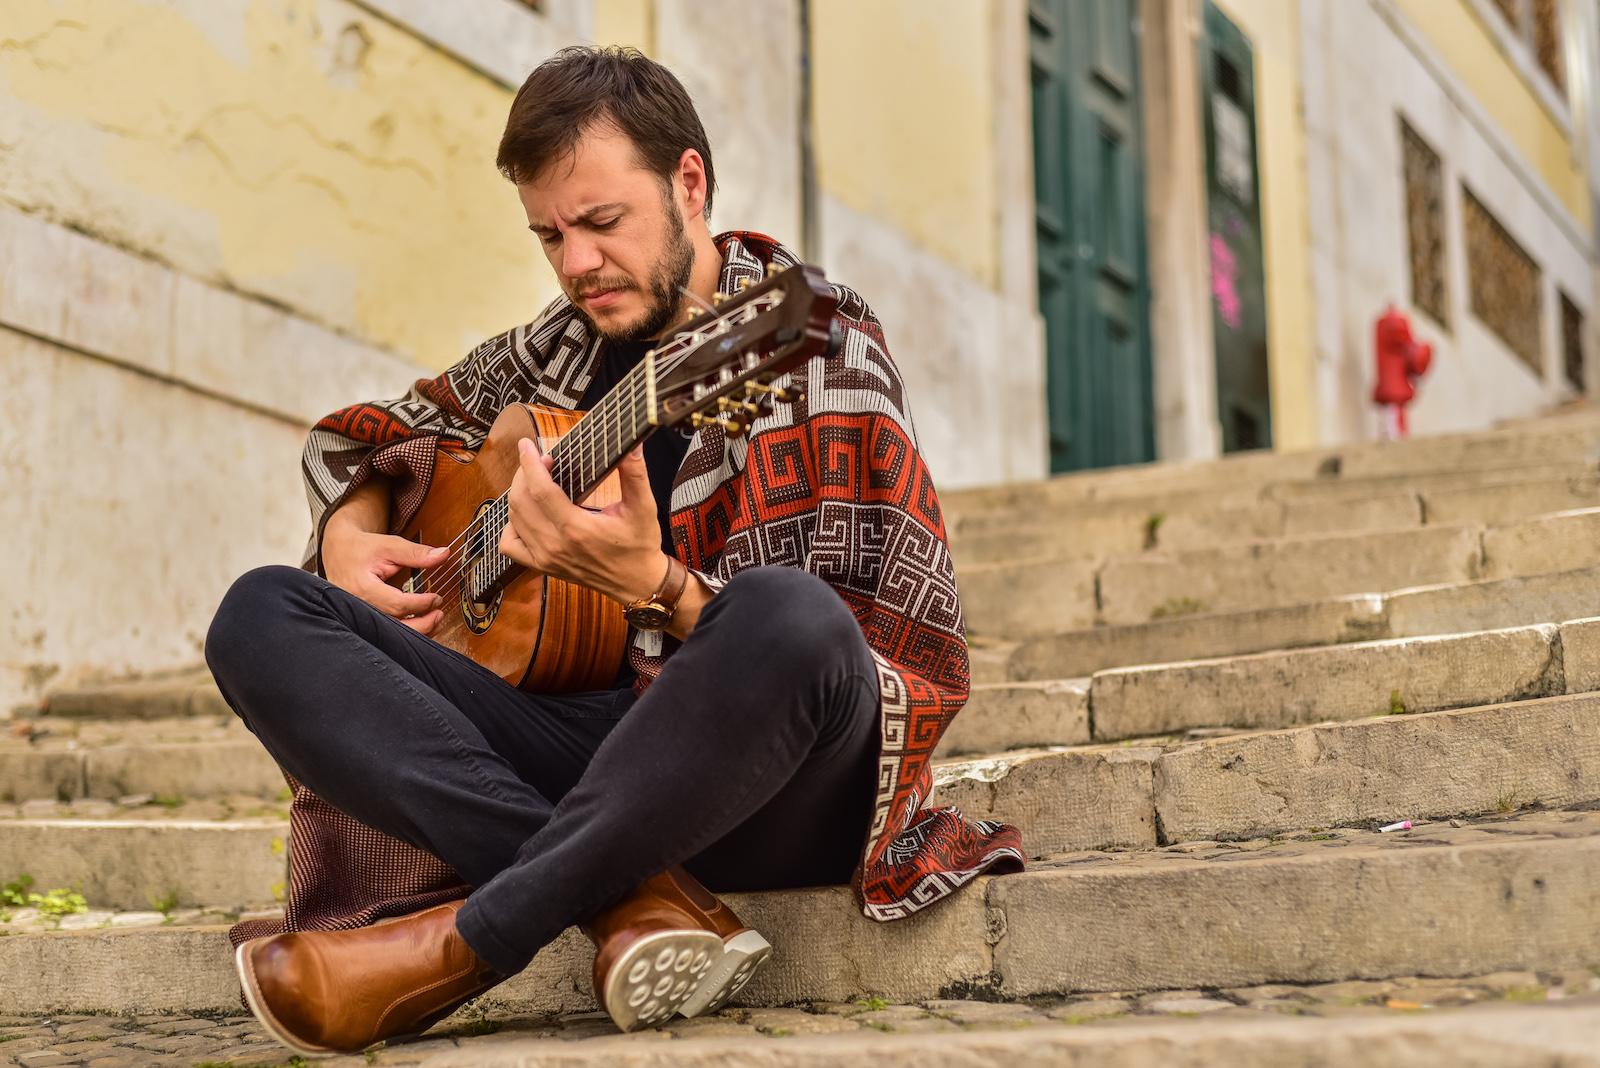 Gabriel Selvage fala da música Pro Lúcio, selecionada para o CD Novas 3 - Gabriel Selvage. Crédito: Stefanie Telles